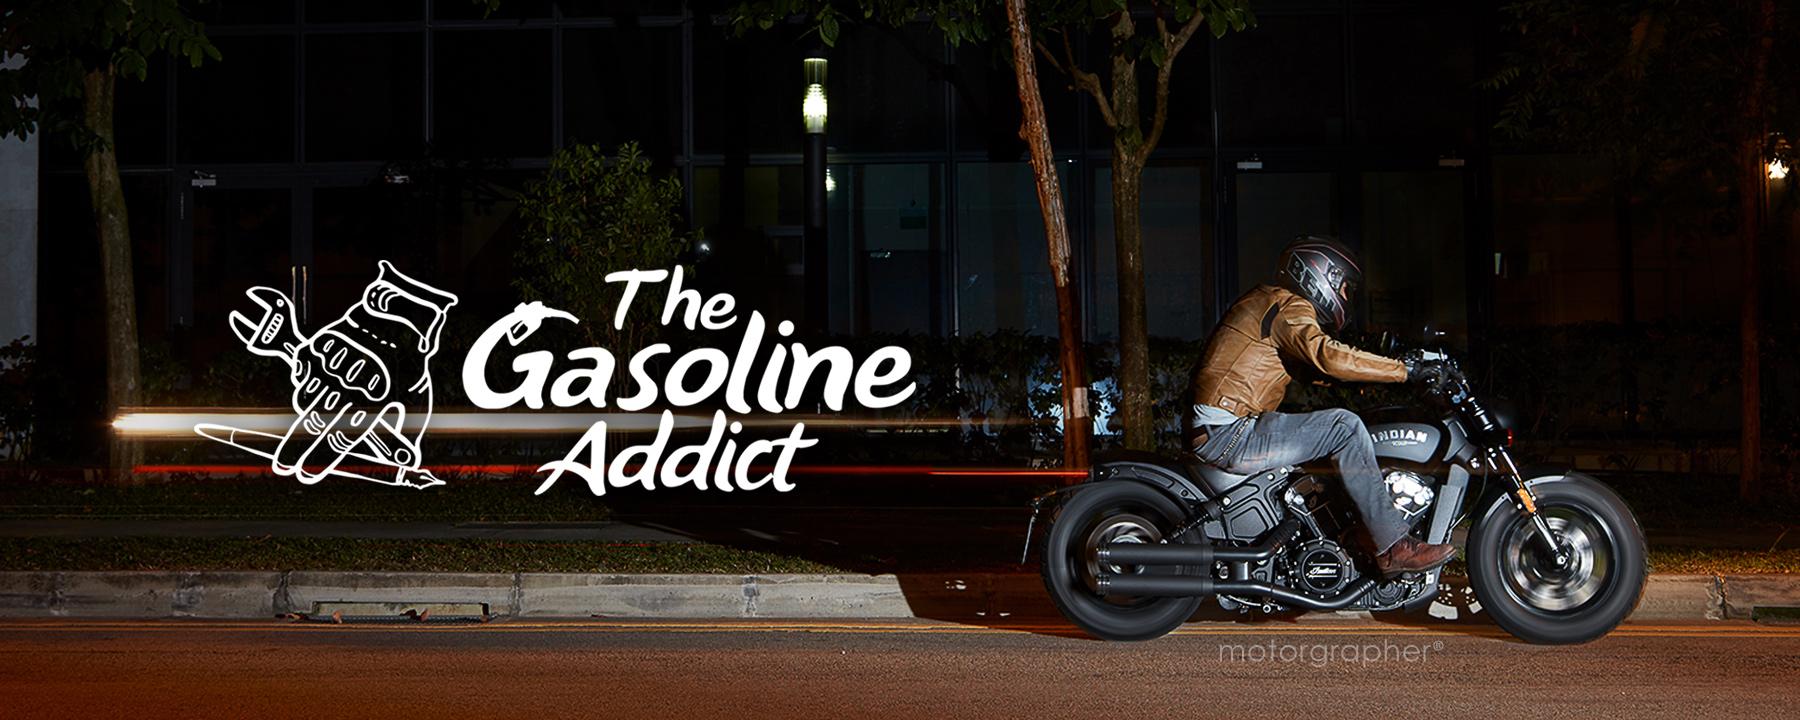 The Gasoline Addict